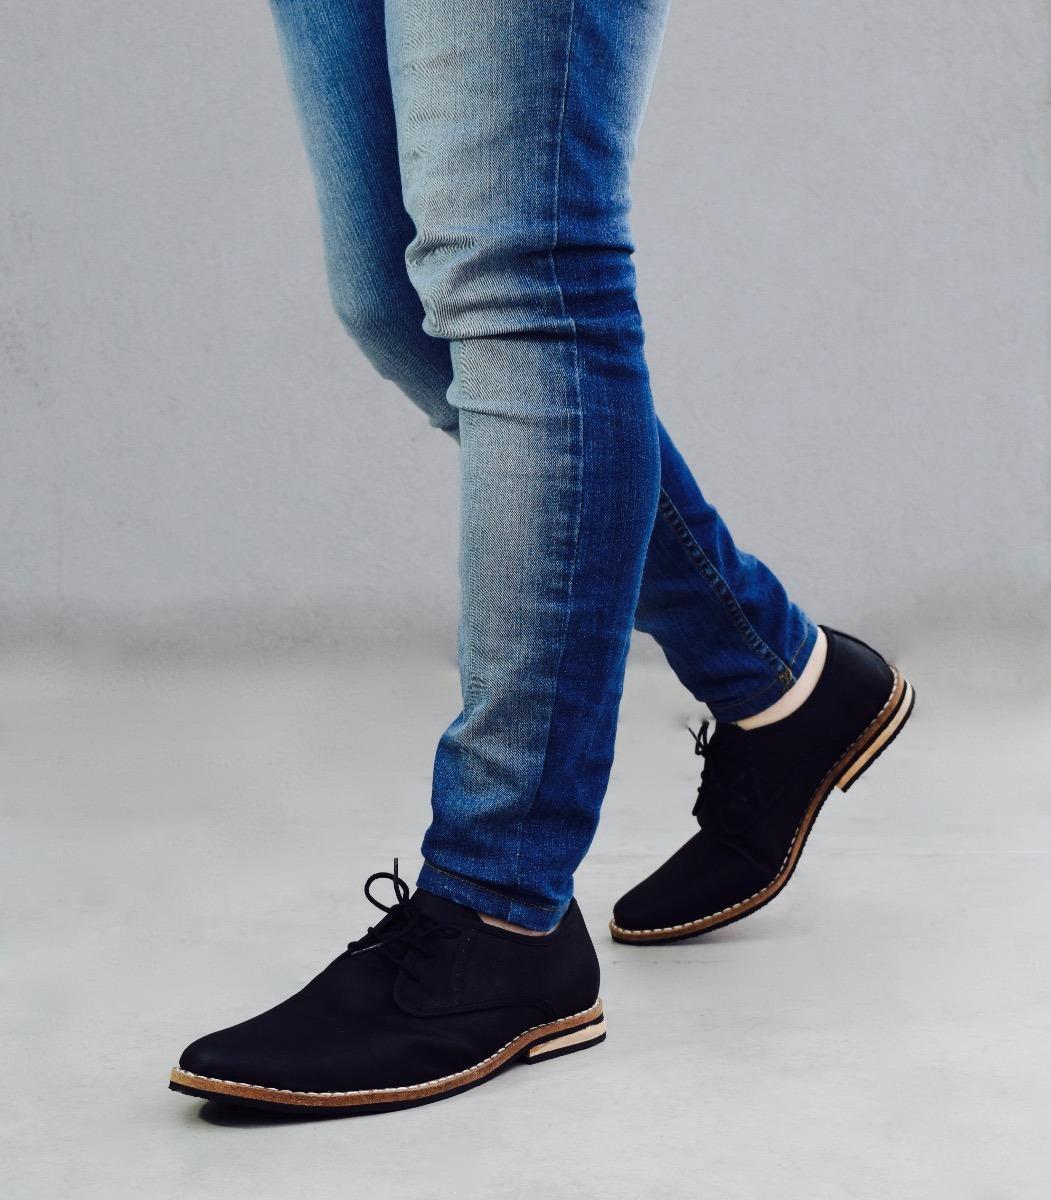 a71d5e9b 290 En 00 Modernos Vestir Zapatos De Hombre 1 Urbanos Negro zqwf0Cw